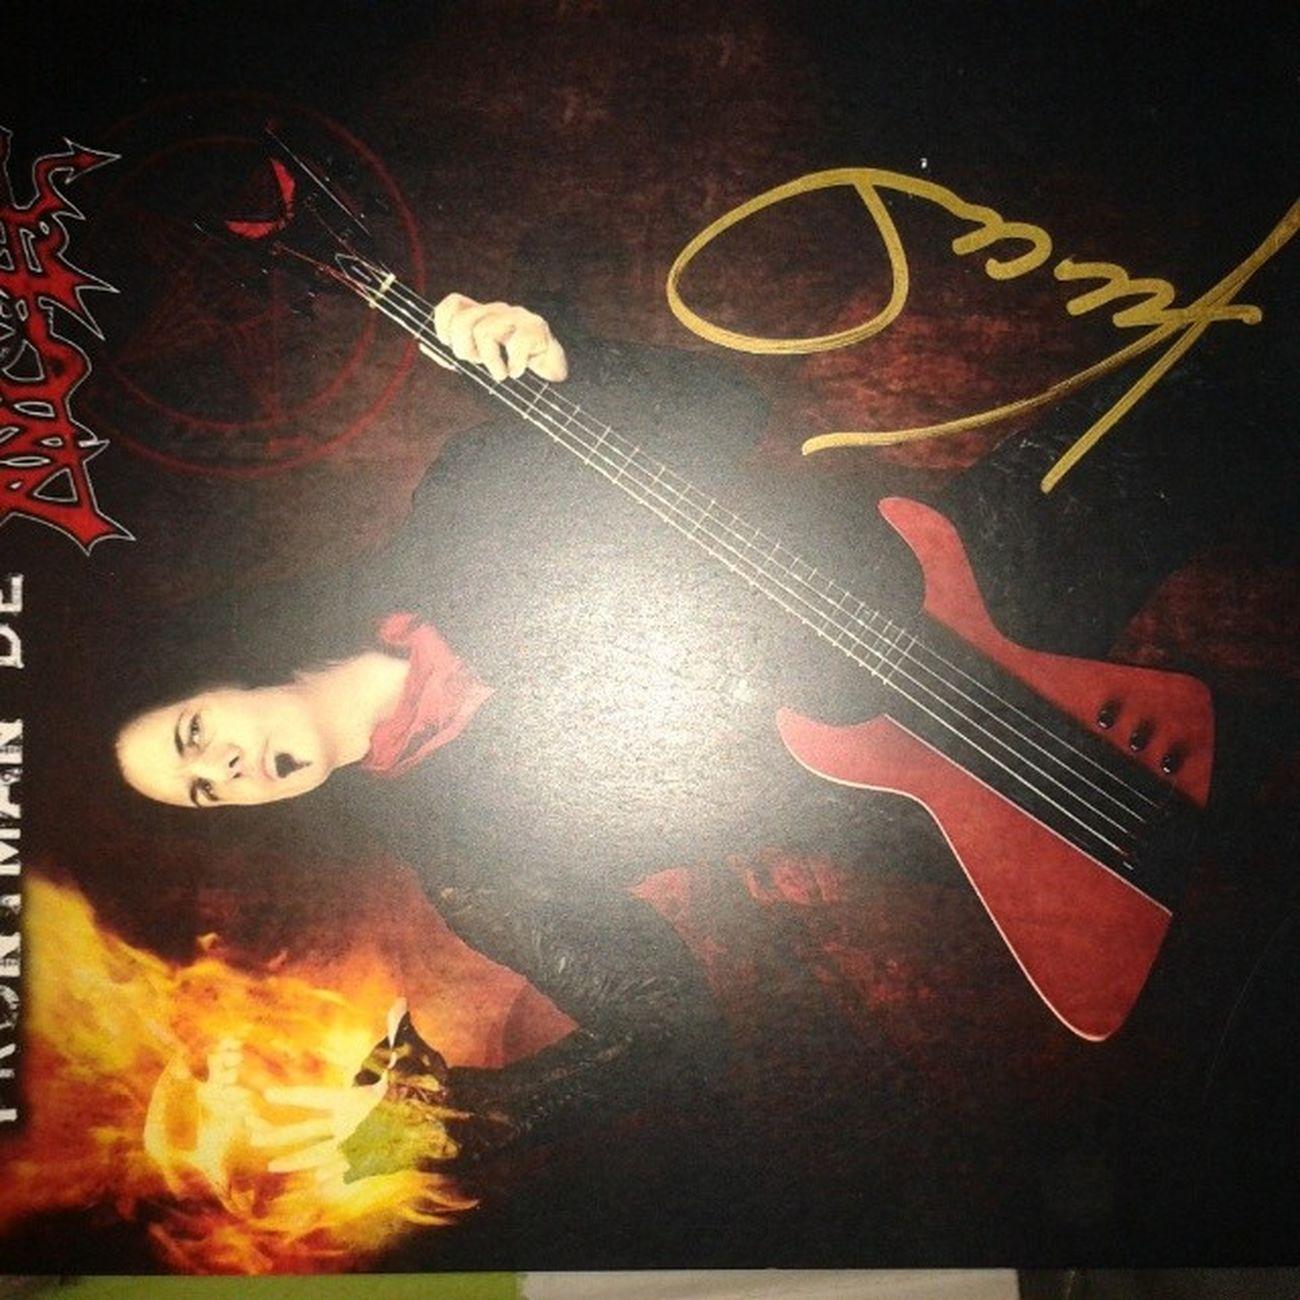 Cosas que me encontré en mi cuaderno DavidVincent Morbid Angel Autografo morbidangel